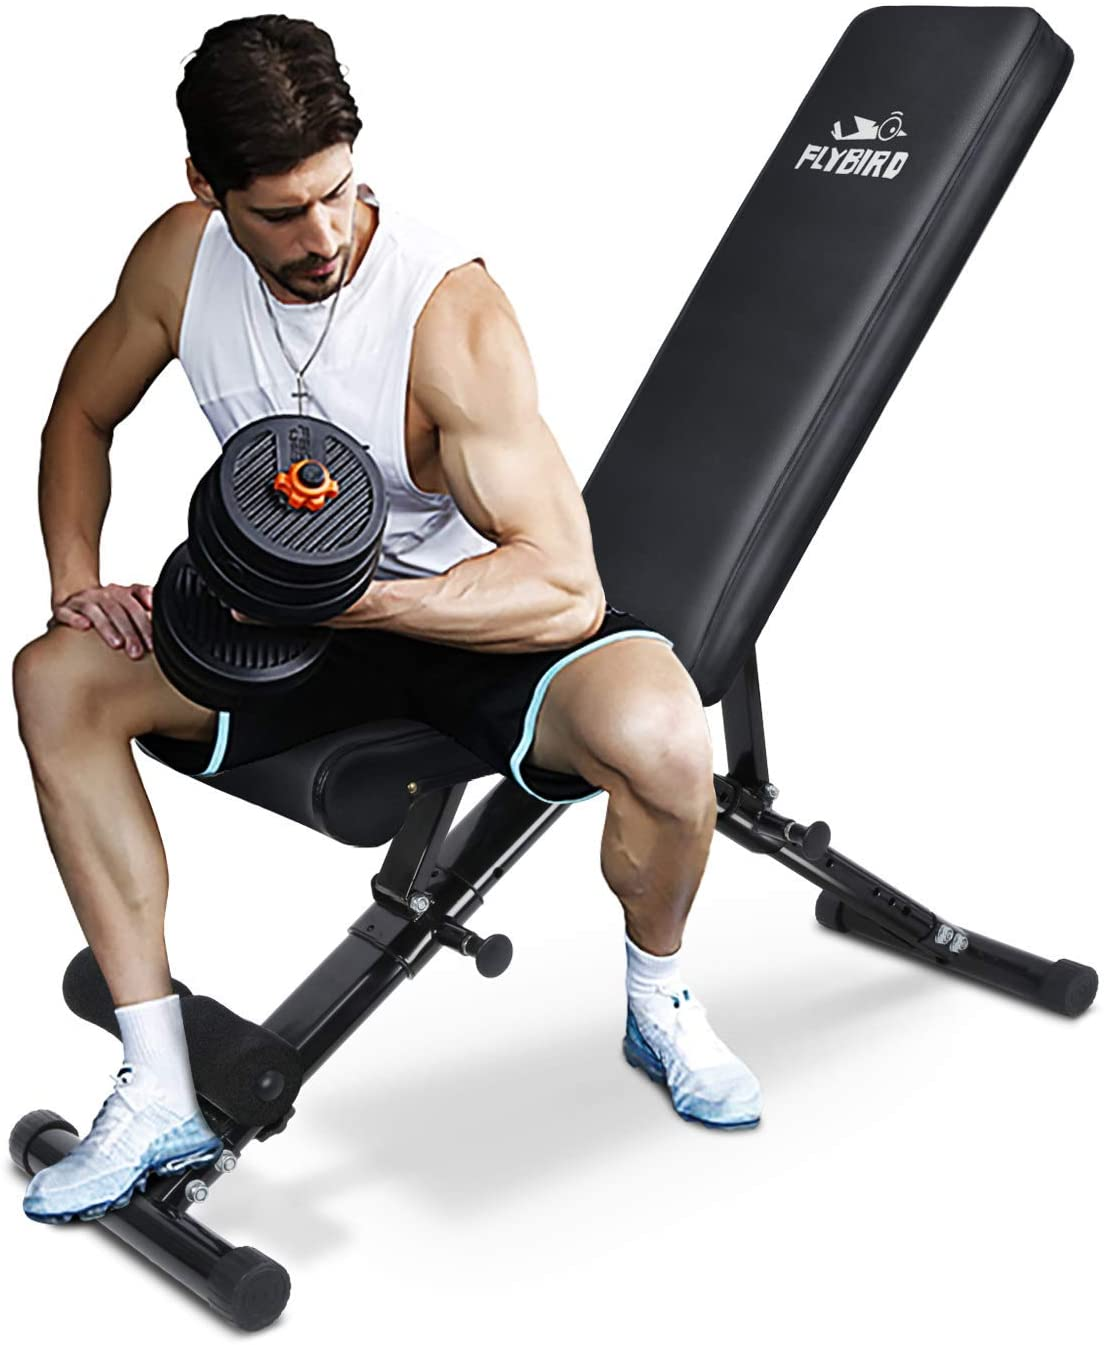 FLYBIRD adjustable weight bench, best Amazon deals